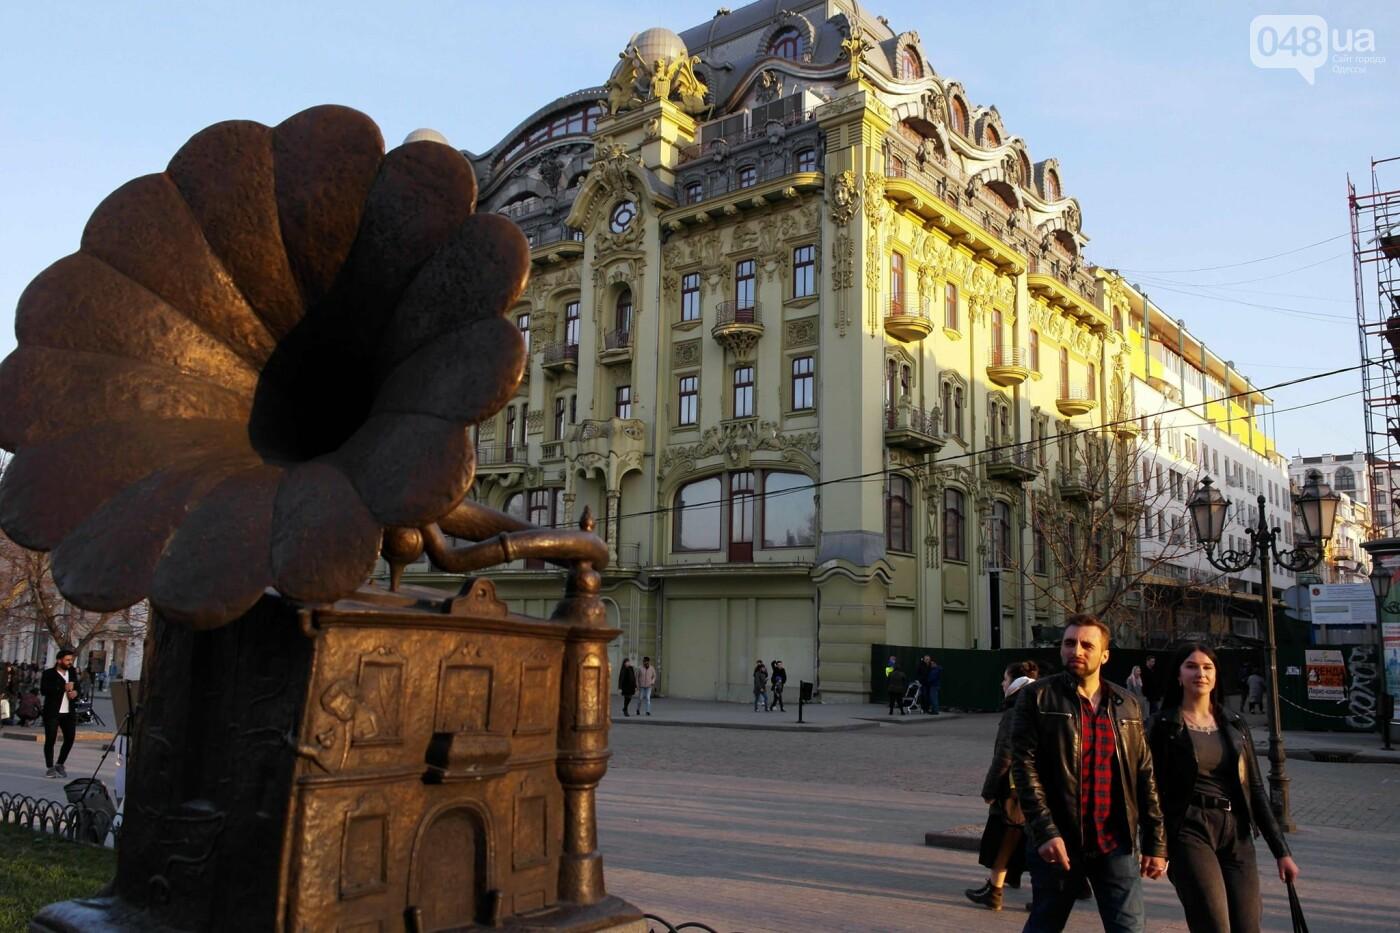 Маски без масок: 1 апреля в Одессе было весело, несмотря на карантин,- ФОТОРЕПОРТАЖ, фото-28